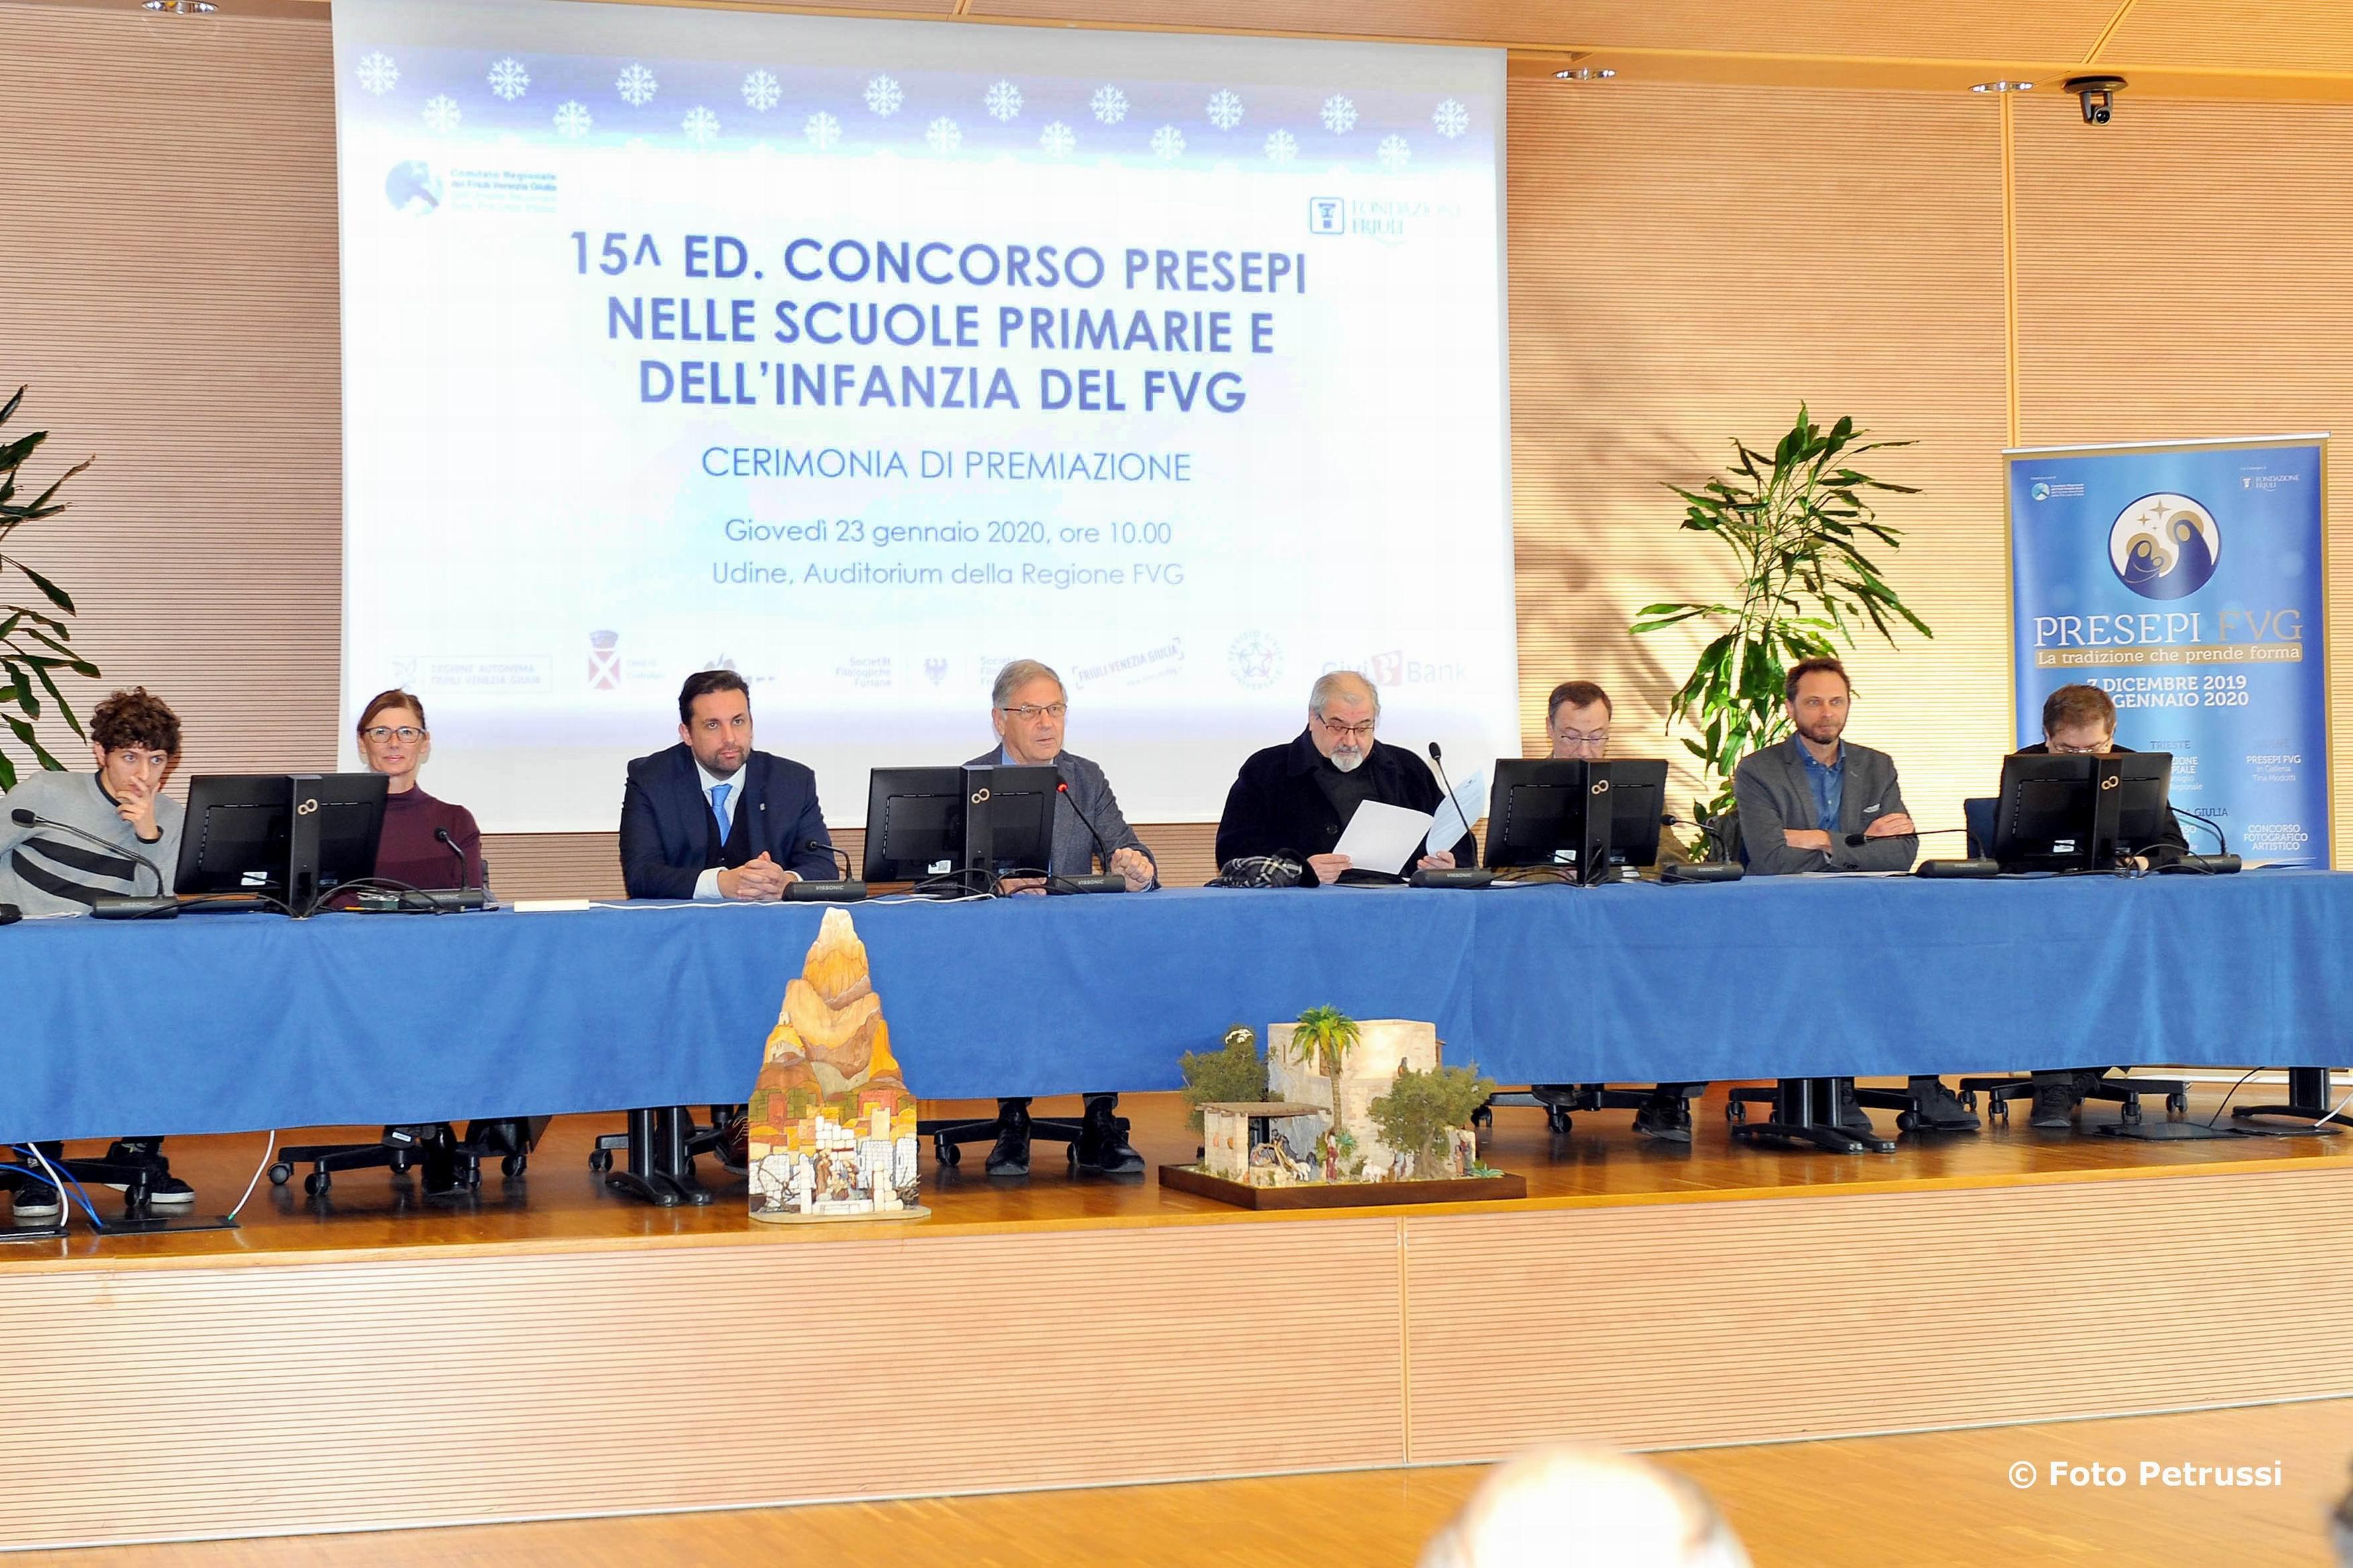 interventi 002 Premiazione concorso Pro Loco presepi nelle scuole. 23-01-2020 © Foto Petrussi.